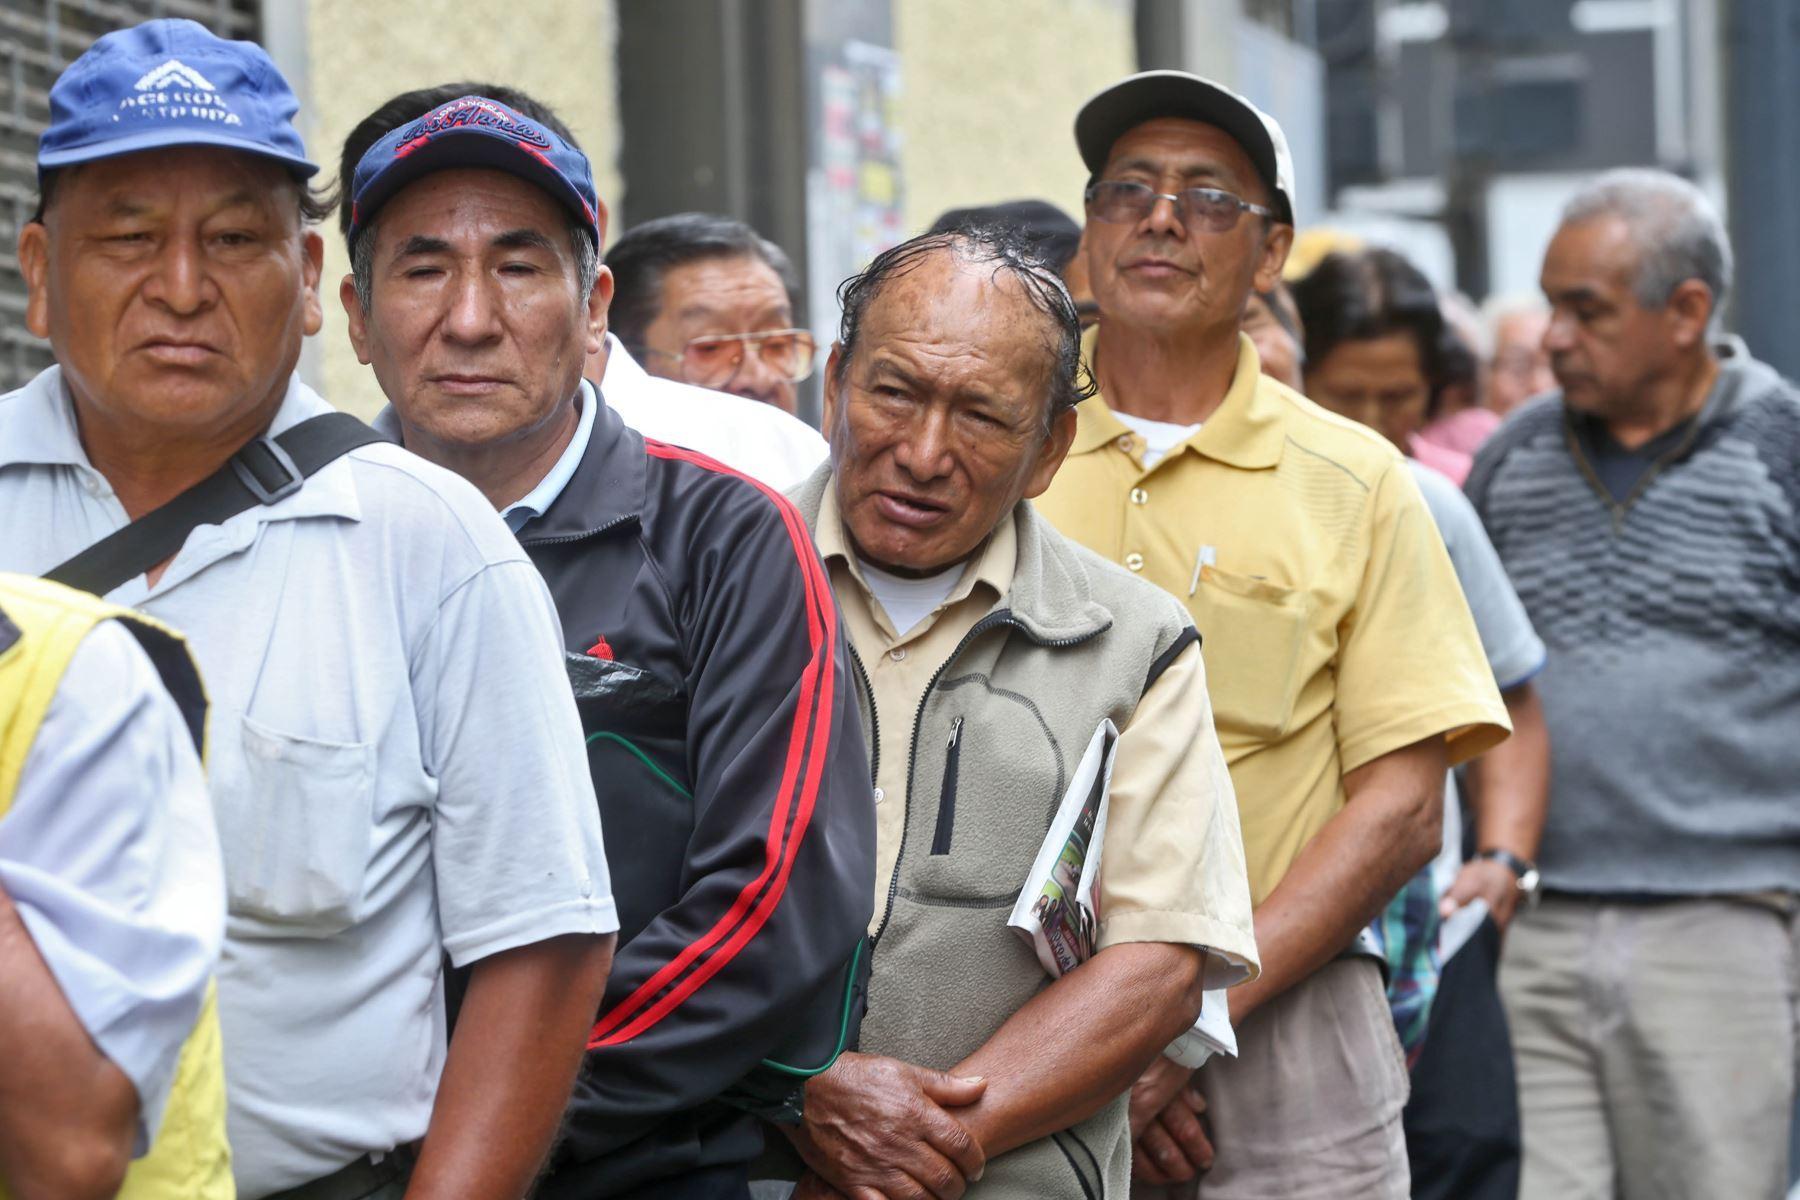 En nuestro país, muchos adultos mayores no acceden a una pensión o simplemente la que tienen es insuficiente para vivir. La hipoteca inversa es un mecanismo que permite recibir una pensión periódicamente, equivalente al valor del inmueble del que sea propietario. Foto: Oscar Farje